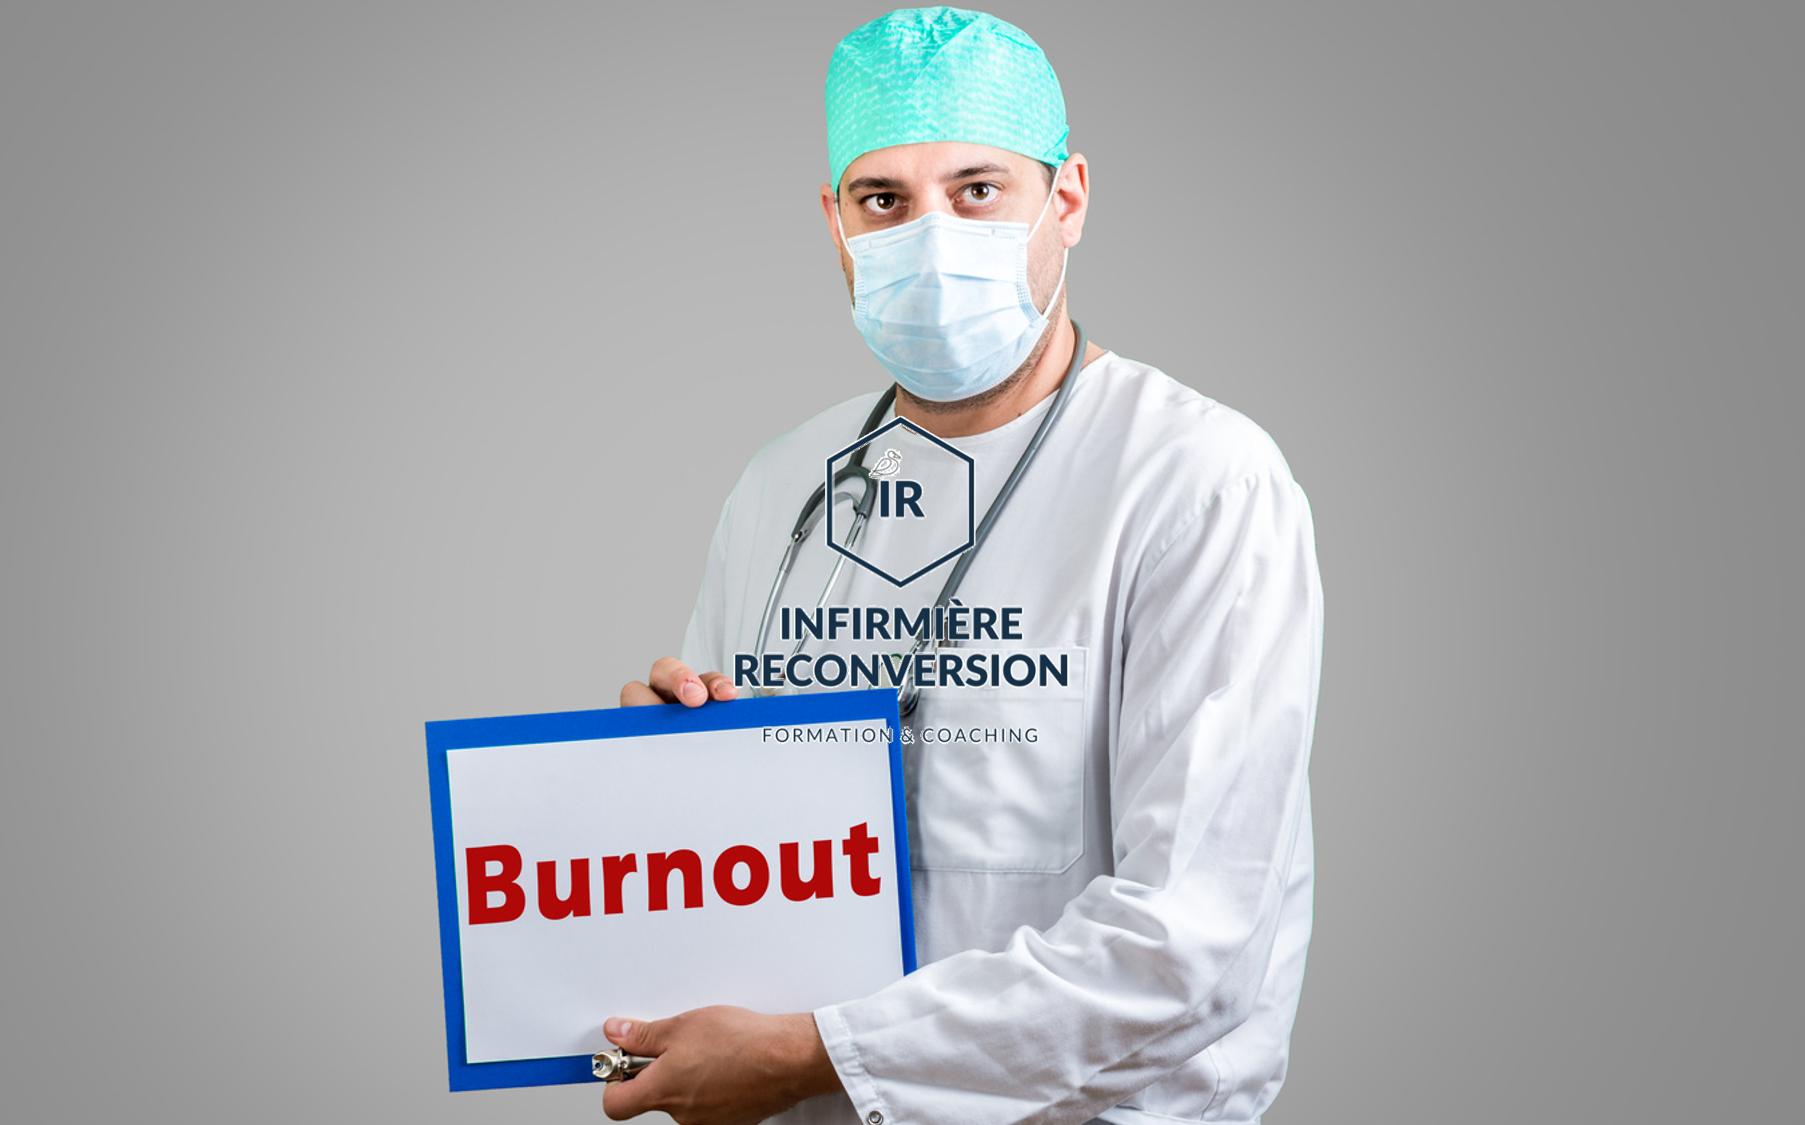 Burn out infirmier : 5 solutions pour s'en sortir